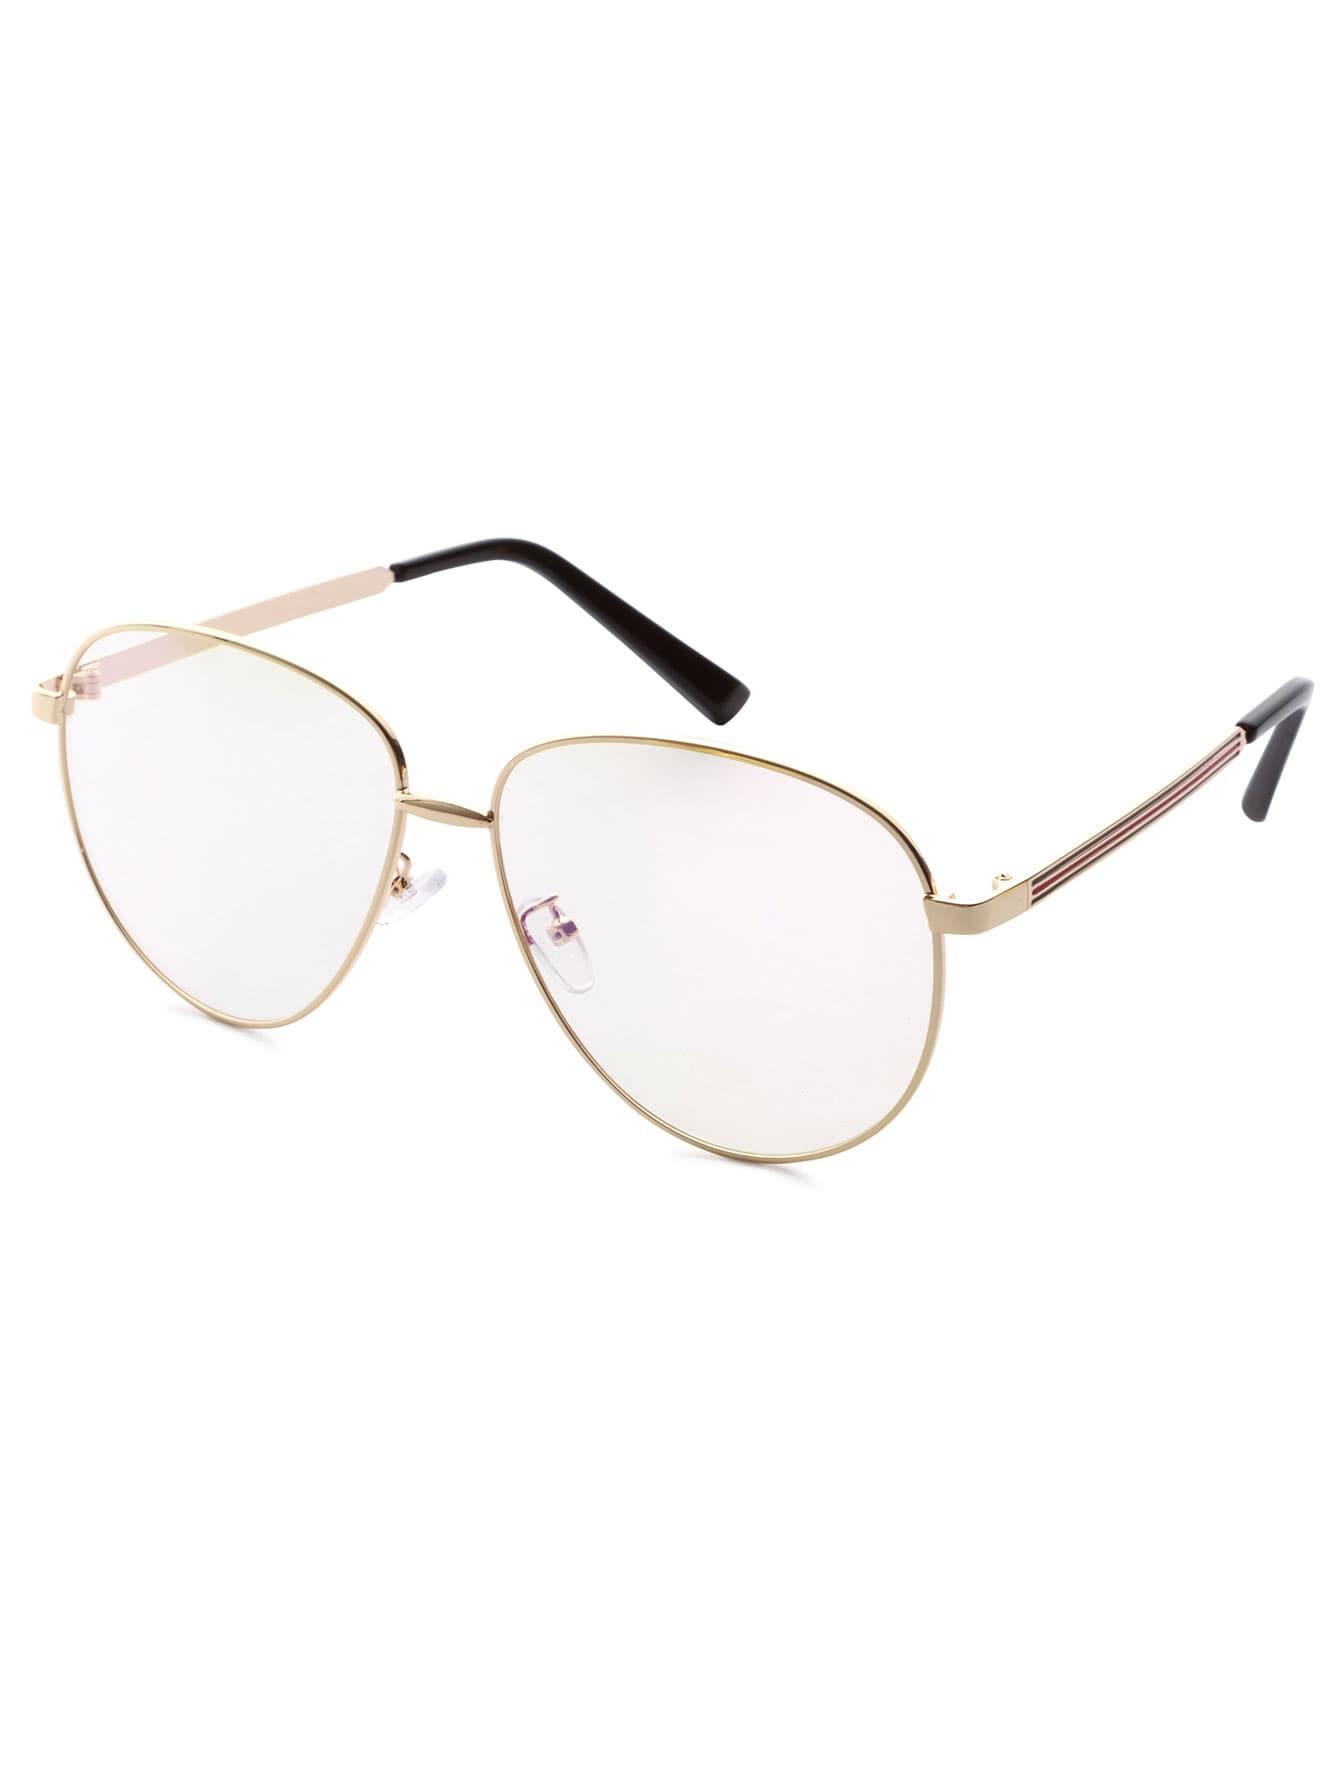 gold frame large lens vintage glasses